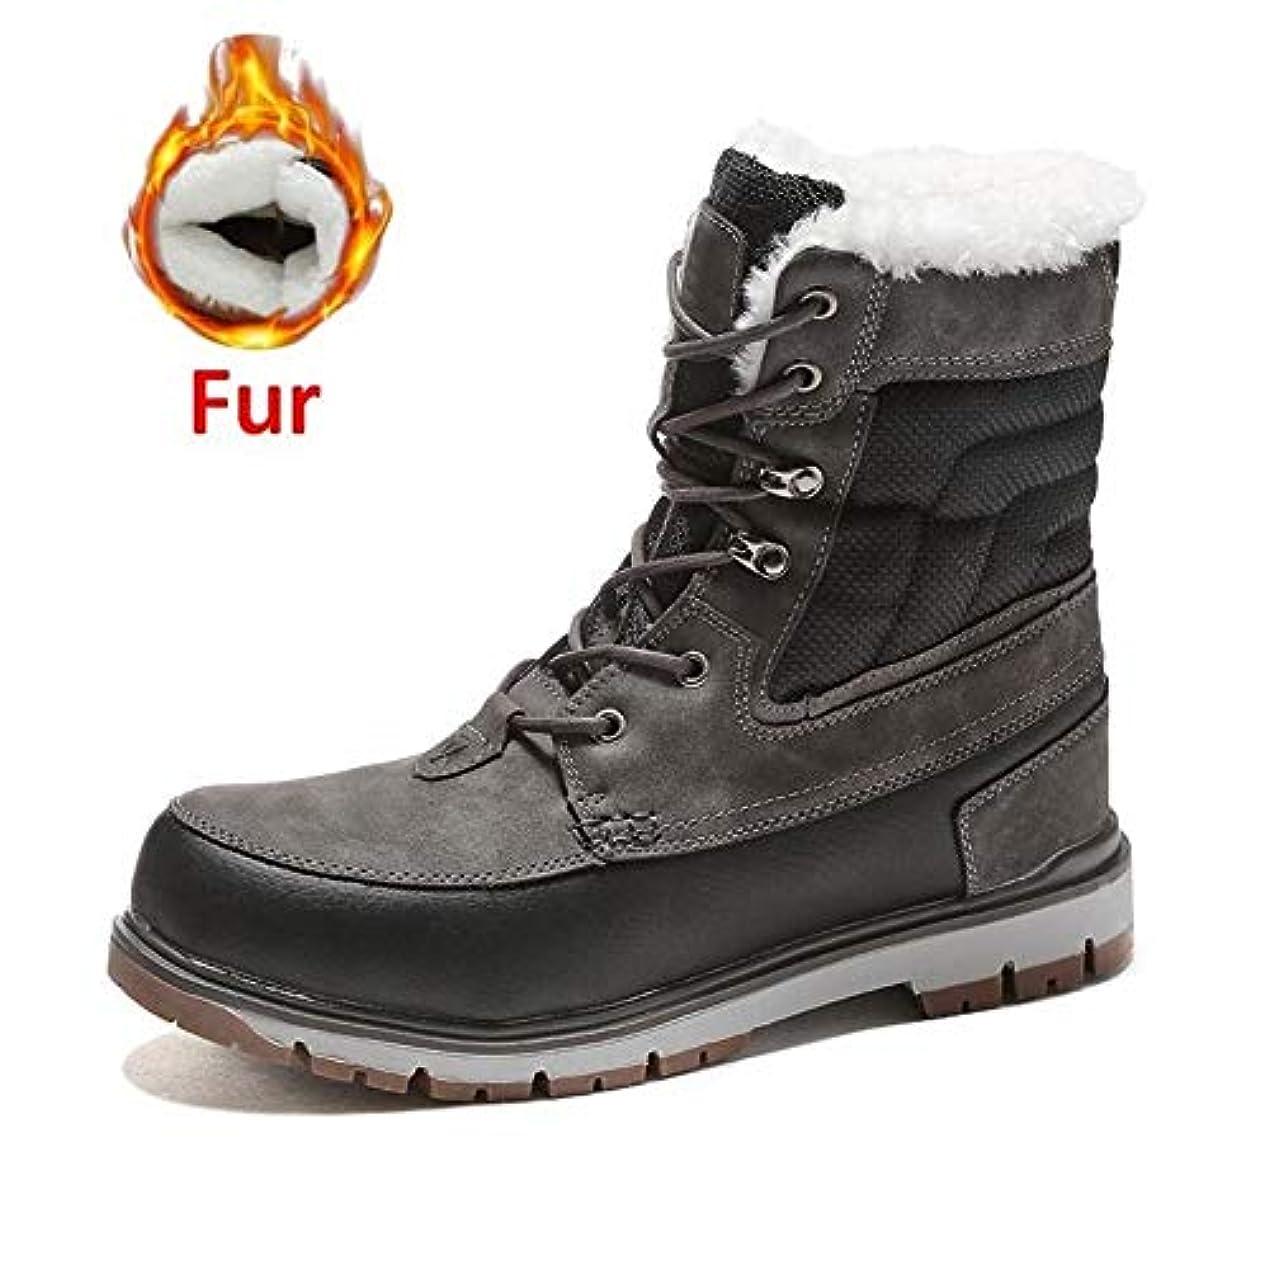 懺悔わざわざ罰する雪のブーツ冬のメンズマイクロファイバーのクラシックレースアップカジュアルプラスベルベットスニーカー品質、快適な暖かいのアンクルブーツ (色 : グレー, サイズ : 27.5 CM)